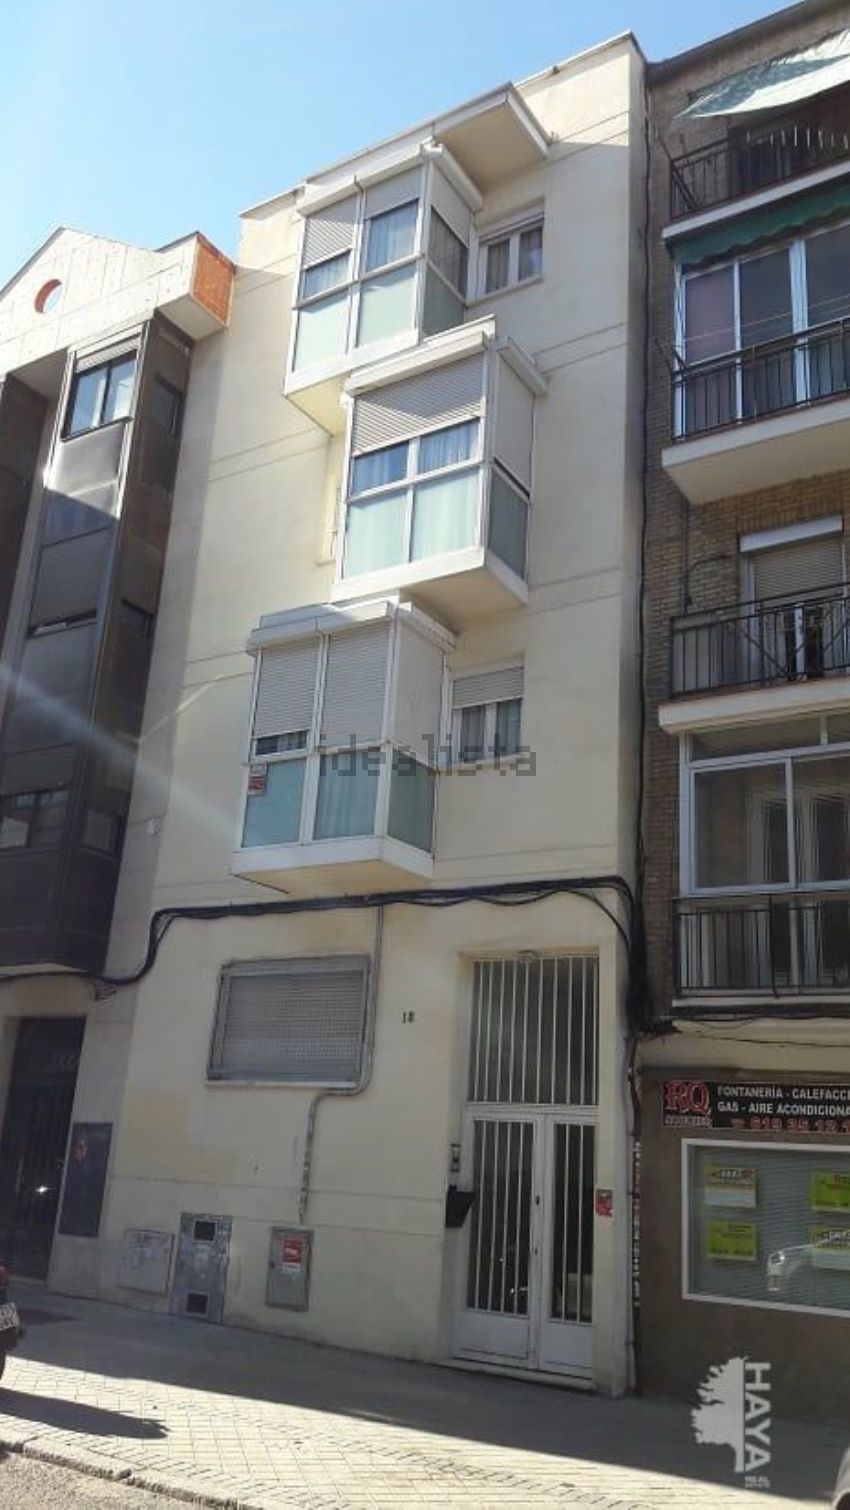 Piso en calle peironcely, Entrevías, Madrid